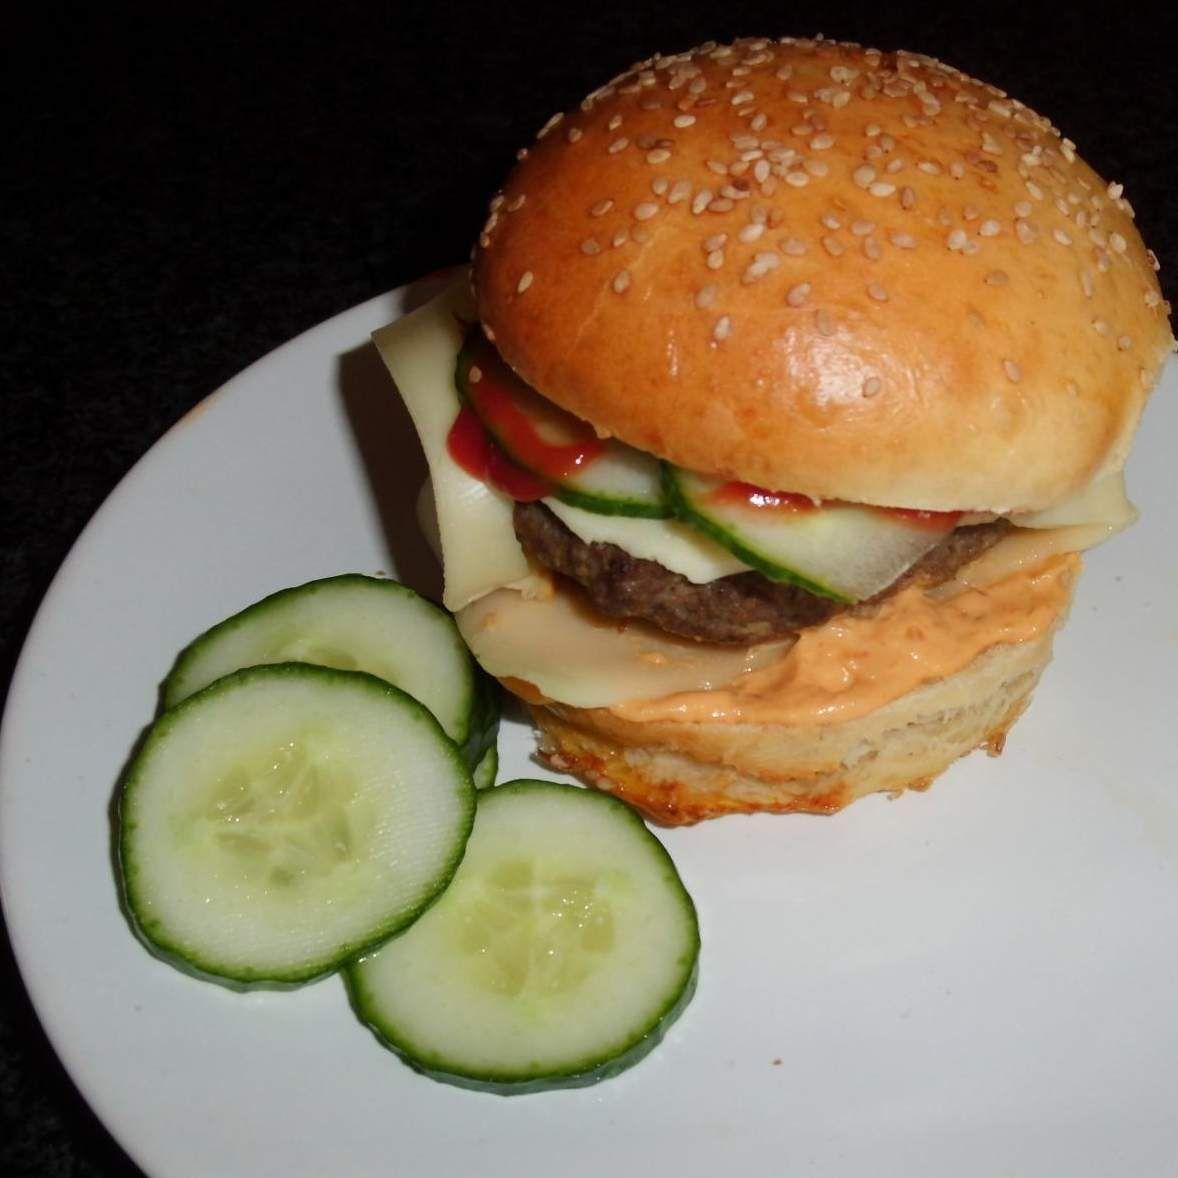 bd0dbde6fd2f4c877416ff54e2d55cb9 - Rezepte Hamburger